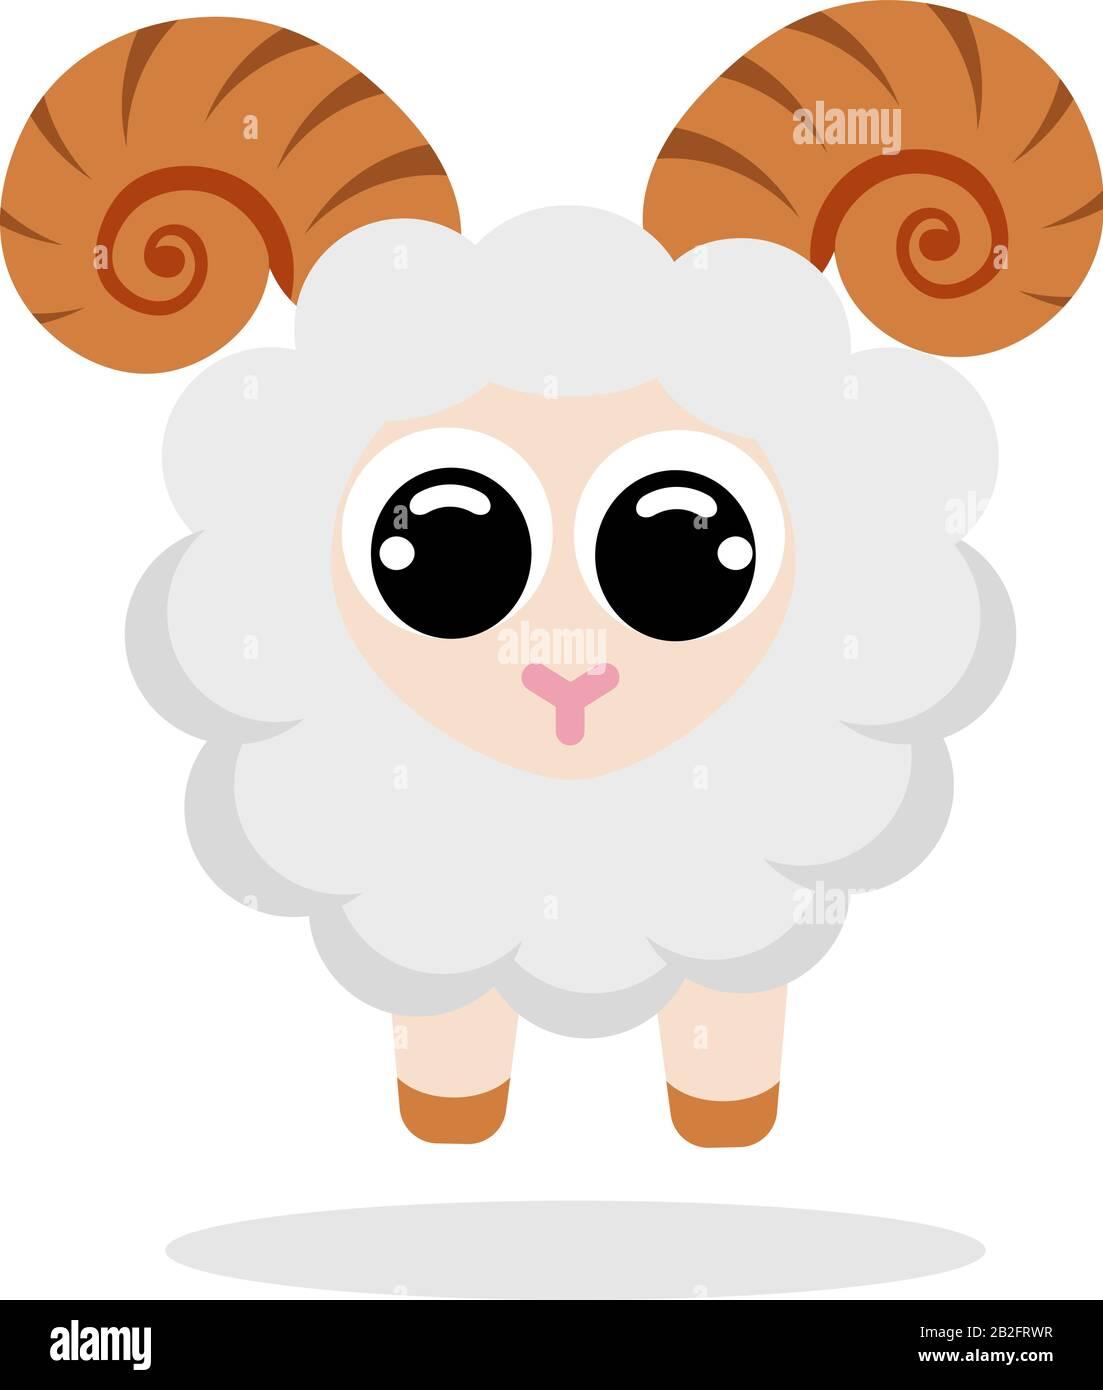 mouton en image vectorielle de style plat. Personnage de dessin animé. Illustration du brut vectoriel plat sur fond blanc Illustration de Vecteur